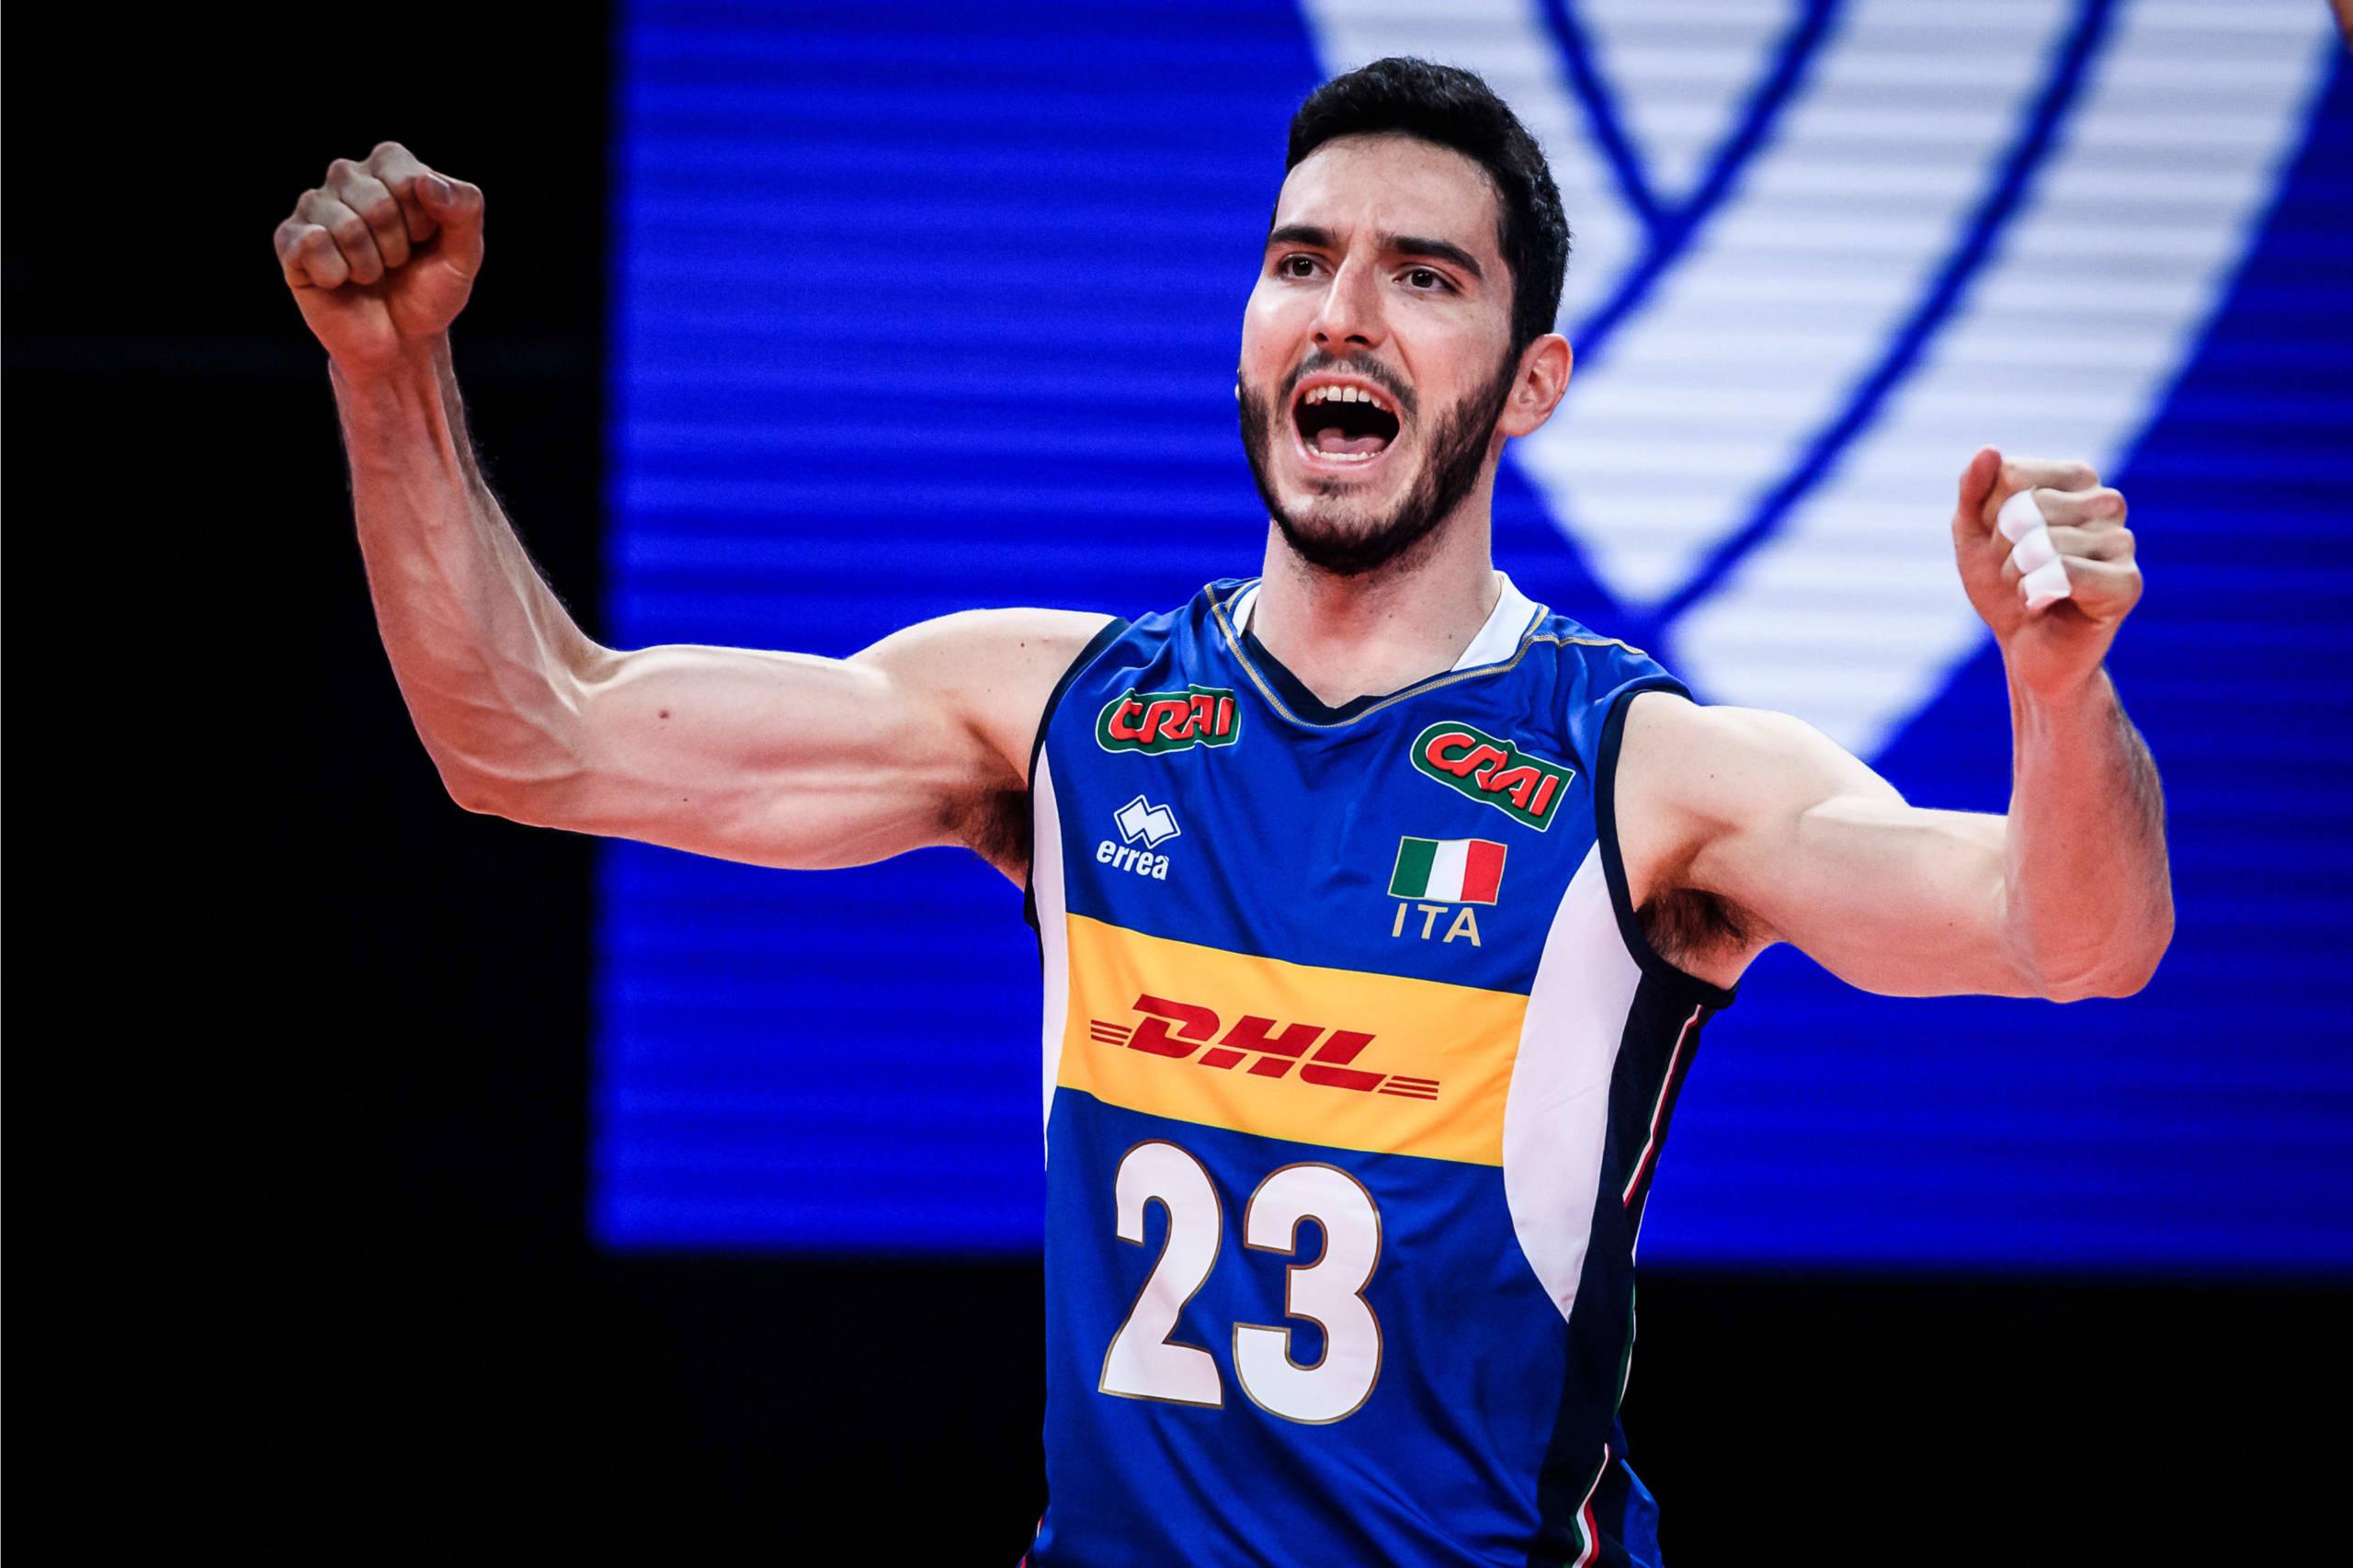 LIVE Italia-Usa, Nations League volley in DIRETTA: aggiornamenti in tempo reale